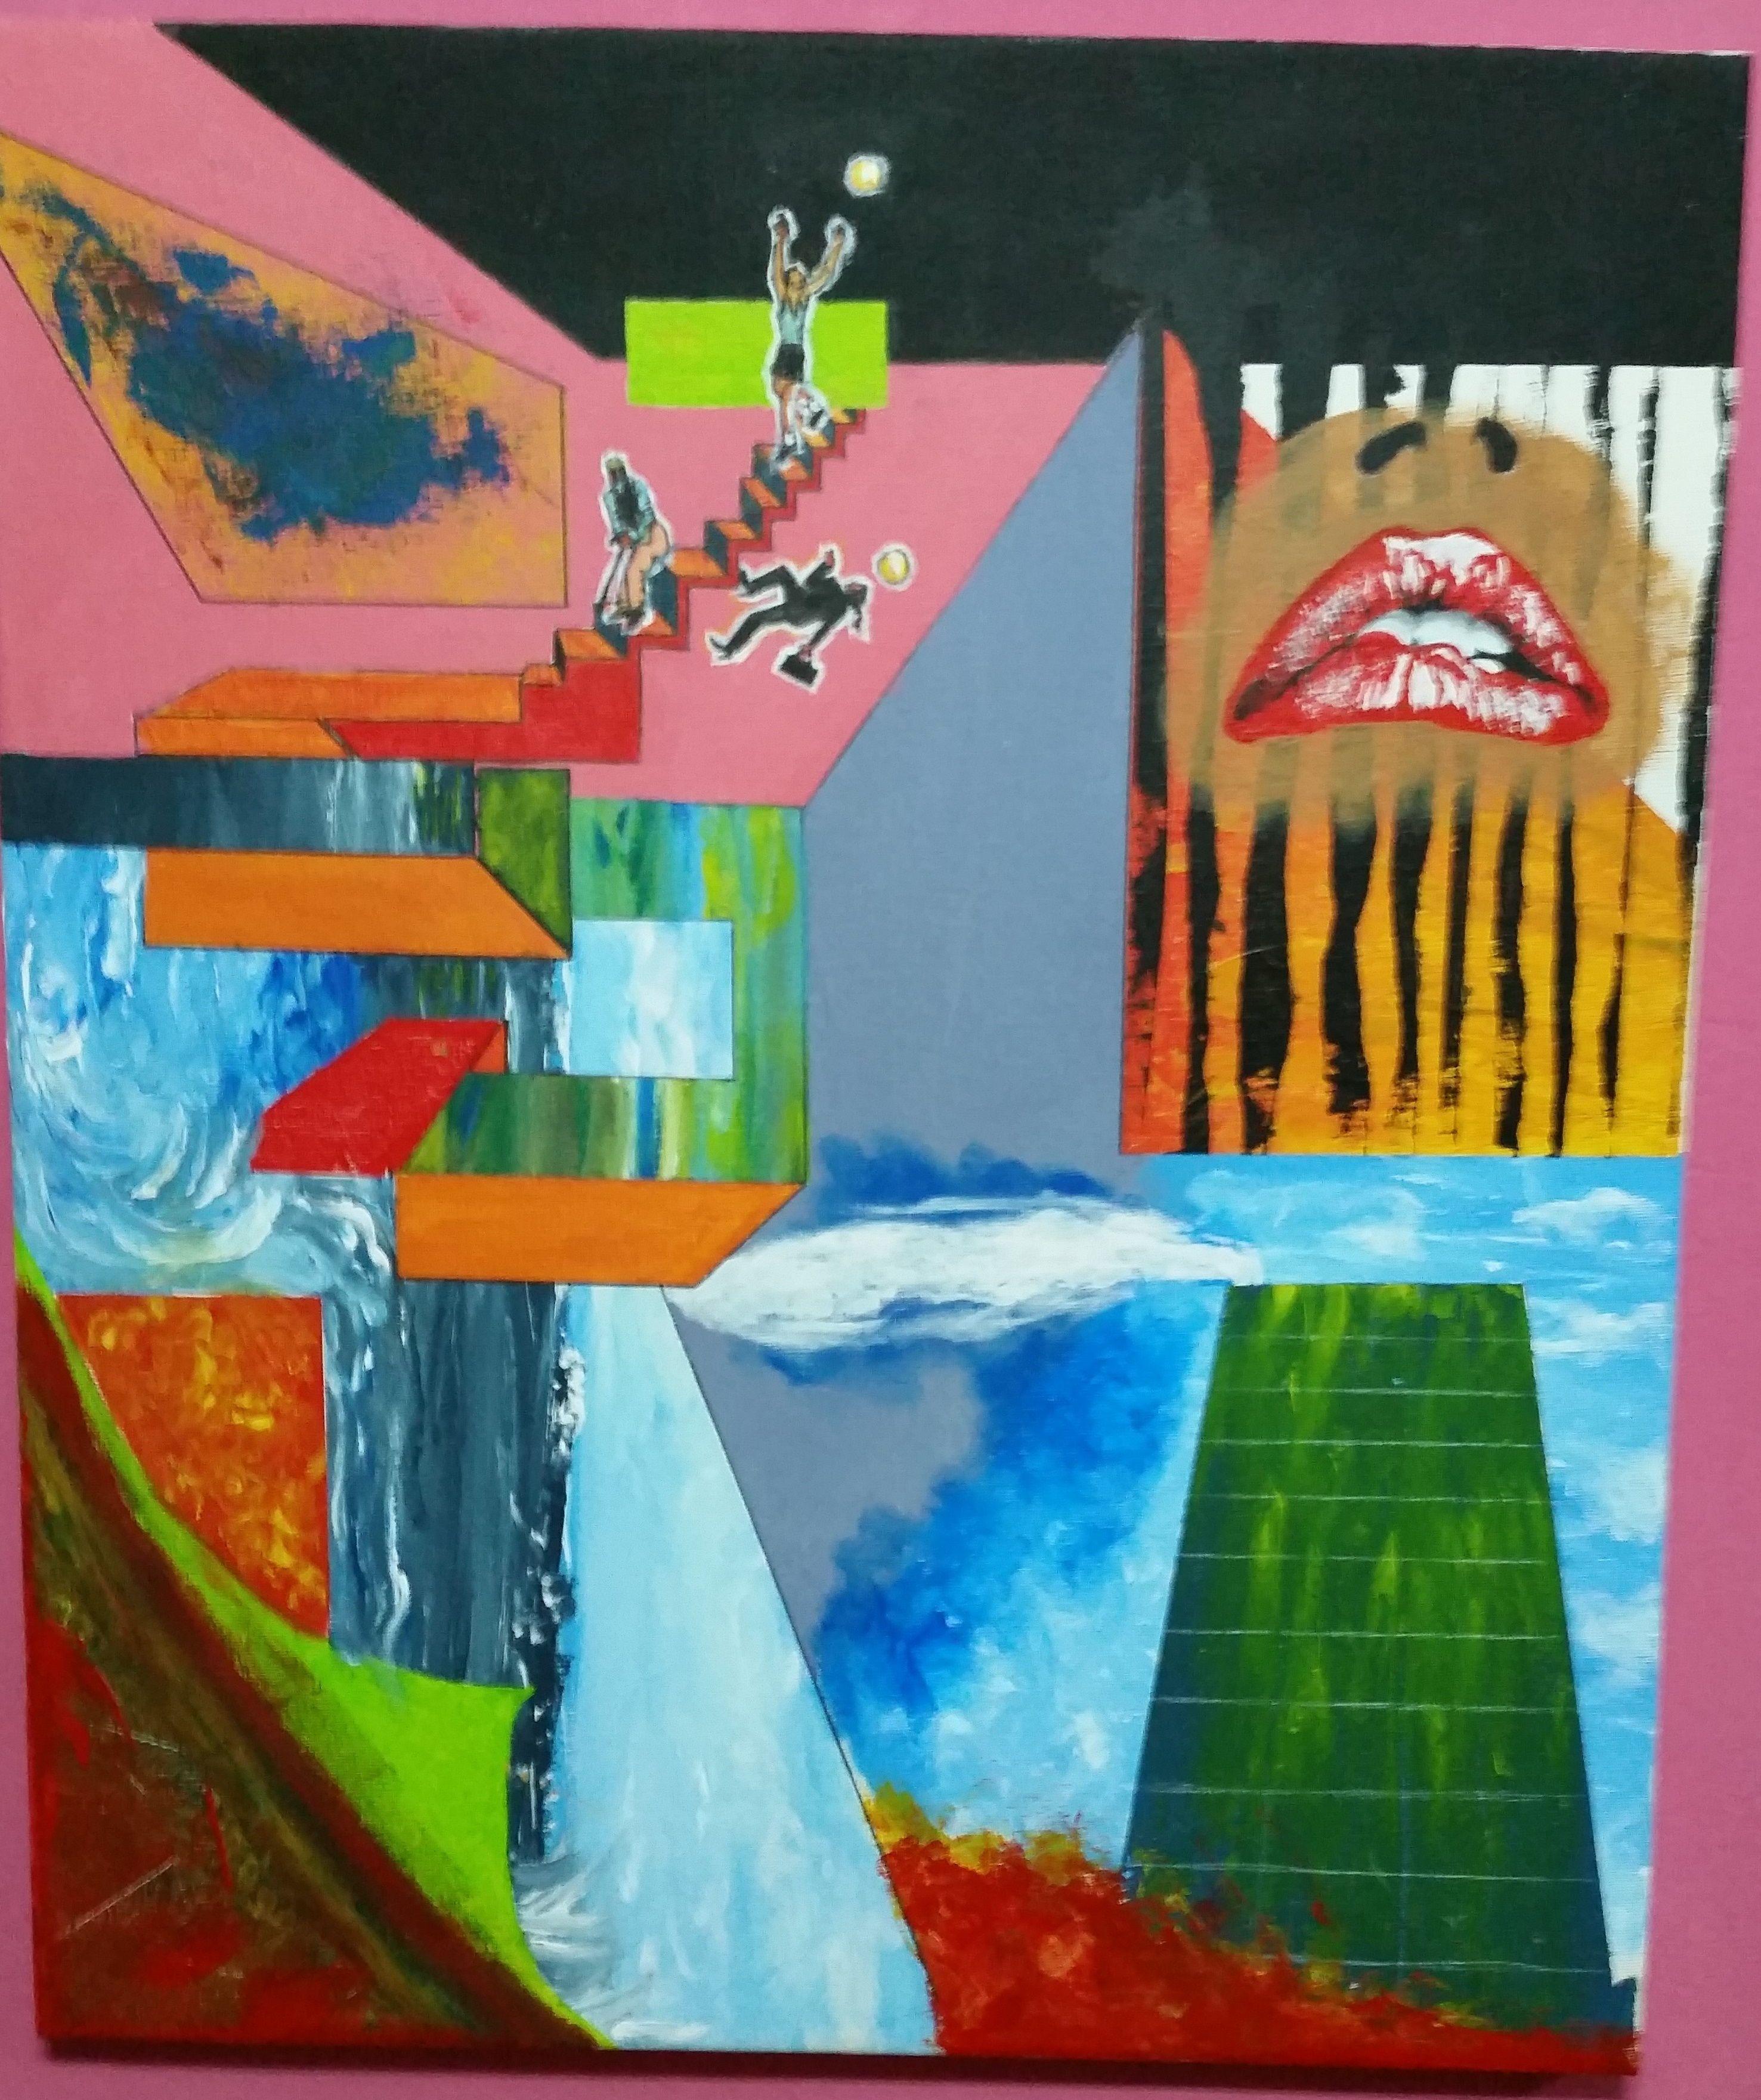 abstracto geométrico en acrílico sobre lienzo